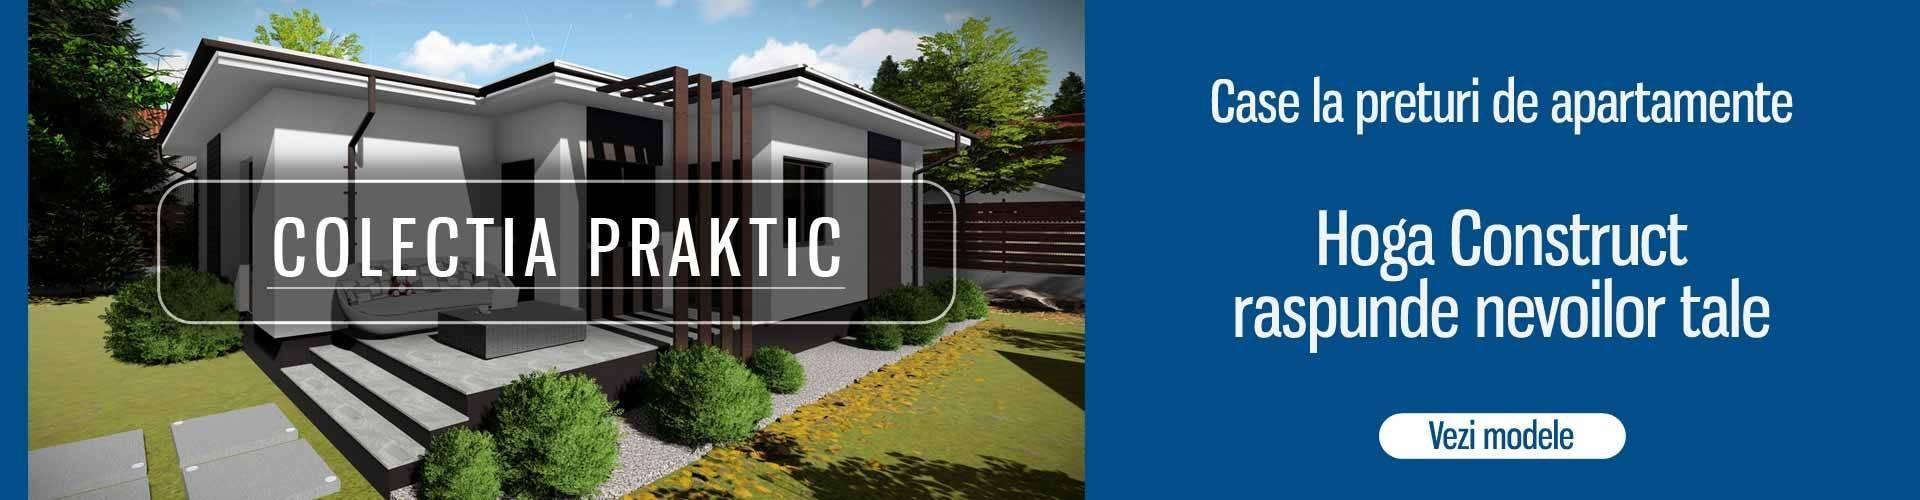 Proiecte de case Praktic